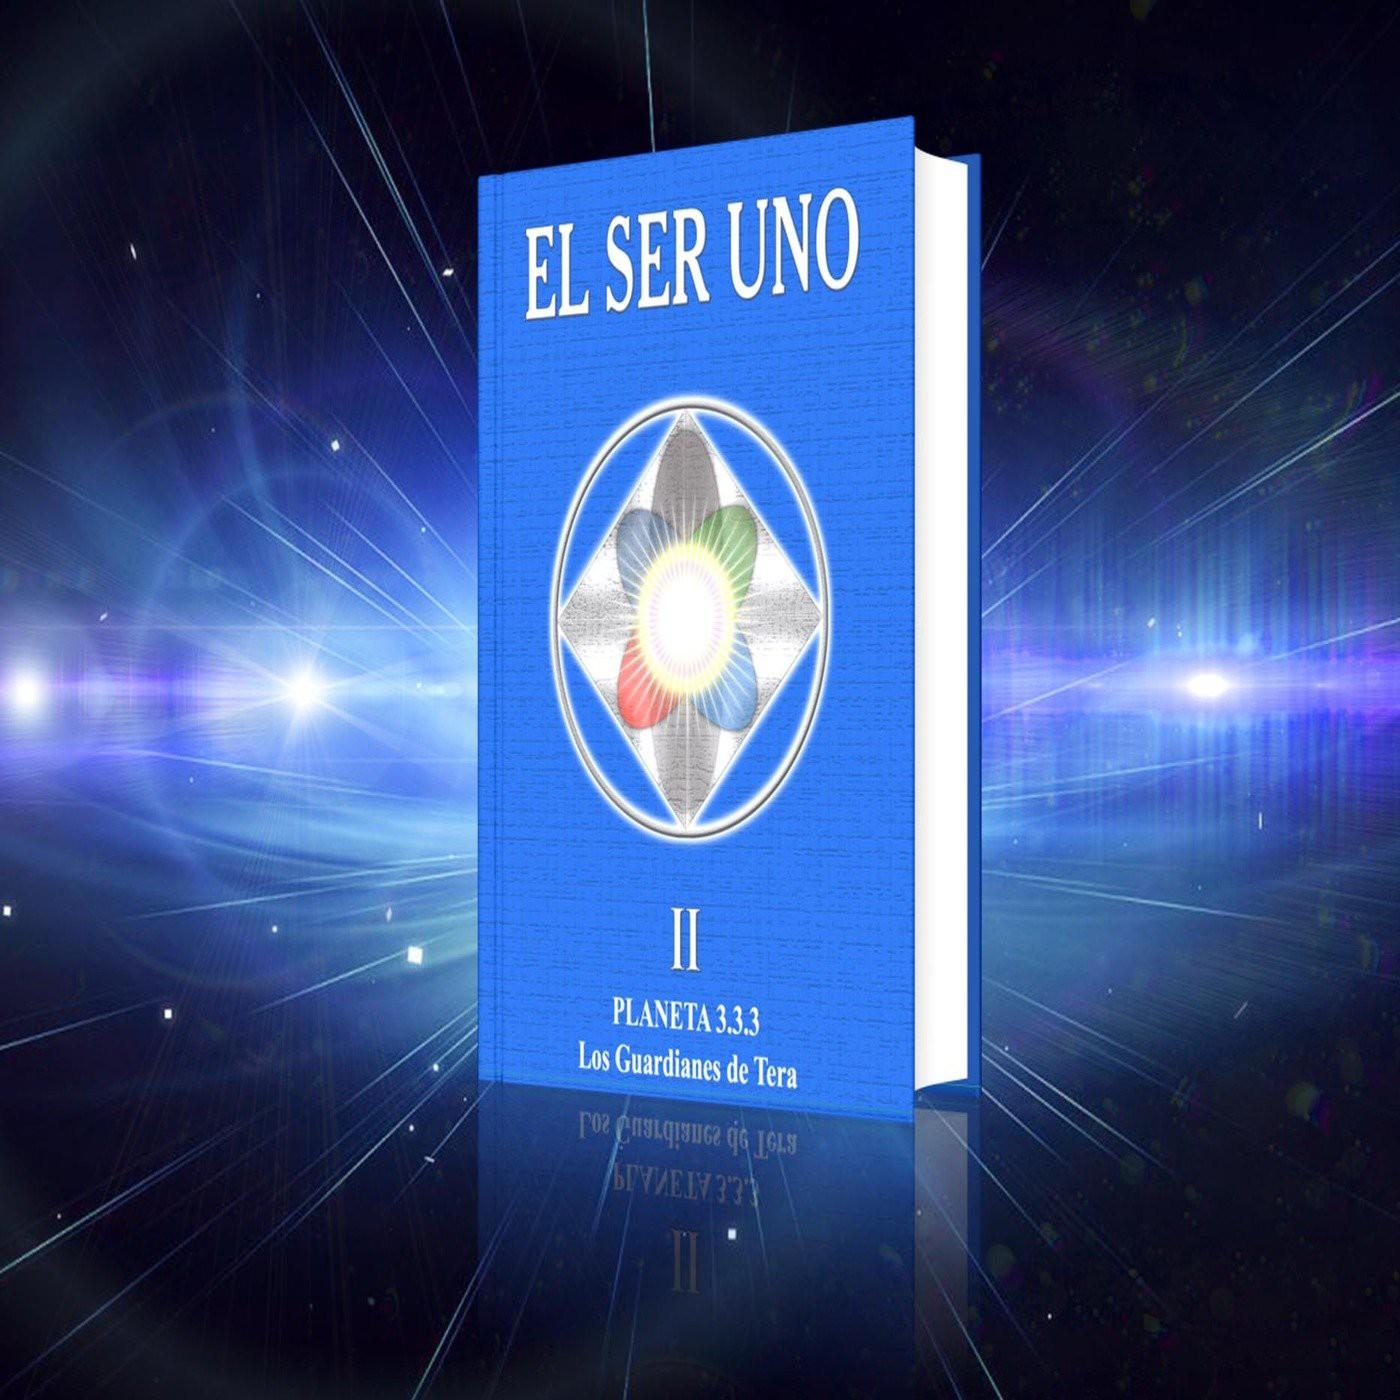 El Ser Uno II - Planeta 3.3.3 Los Guardianes de Tera - Parte 1